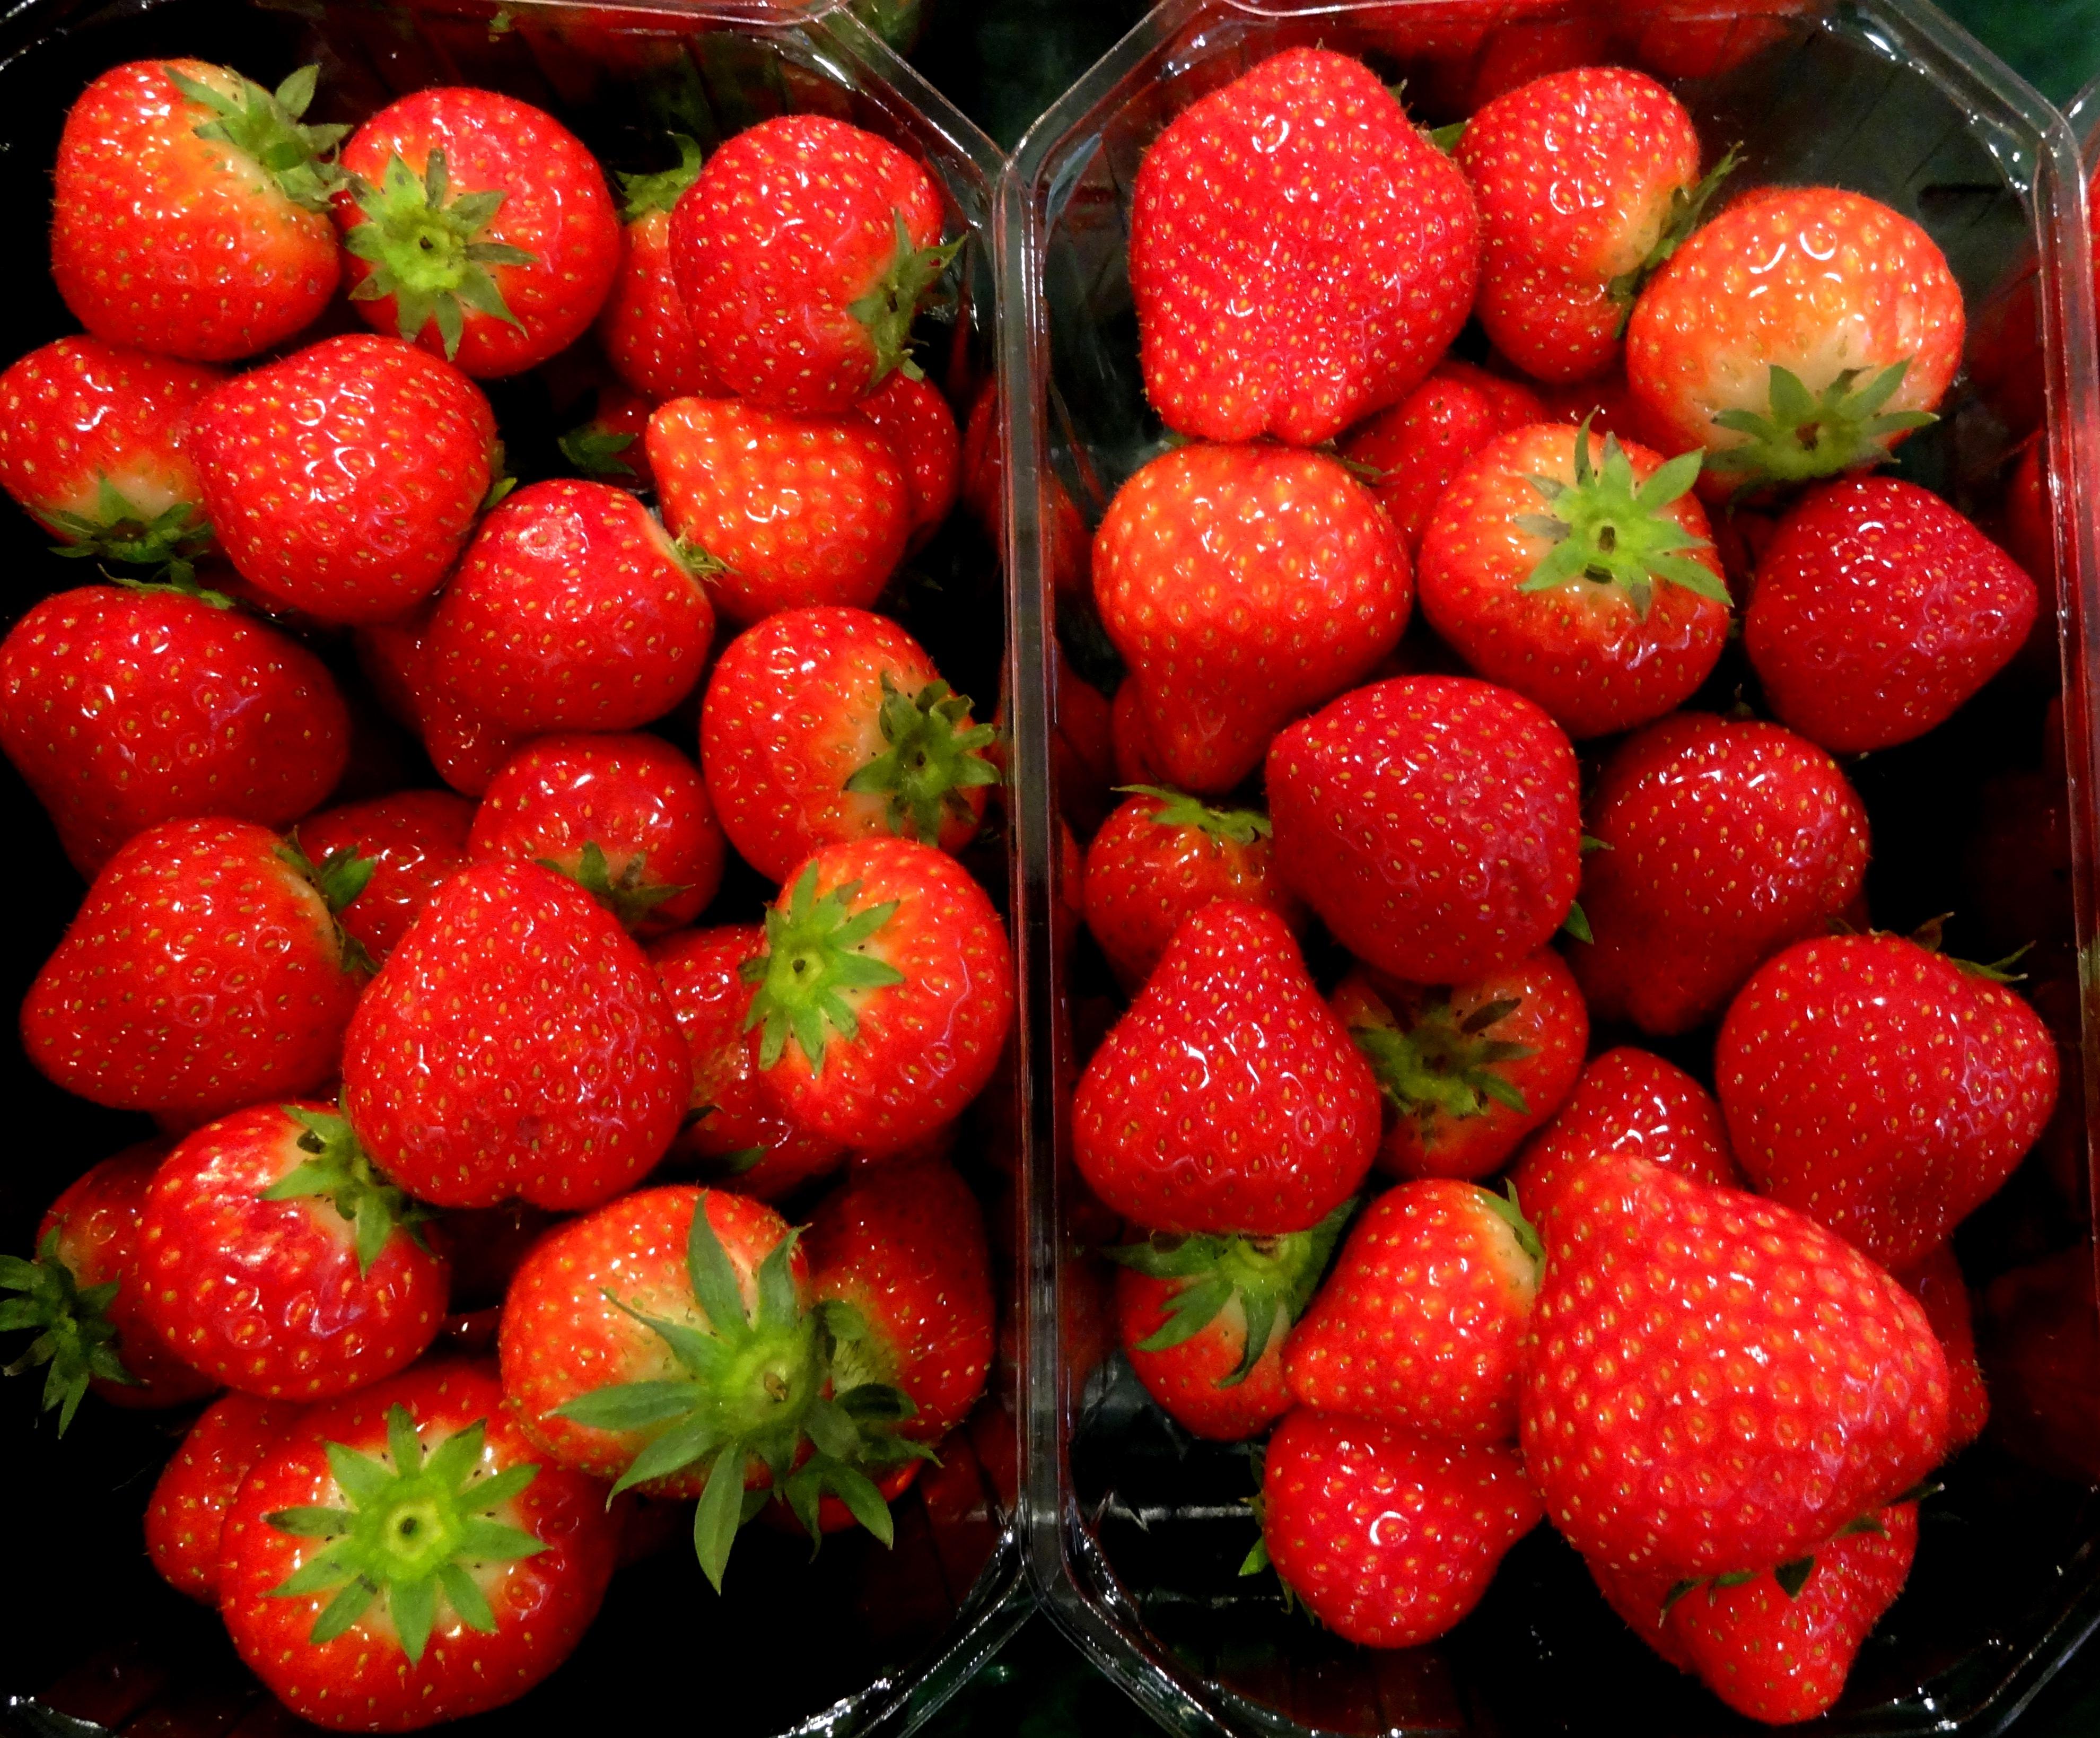 Geliebte Bei Erdbeeren für einen guten Start sorgen | Industrieverband Agrar @XP_79